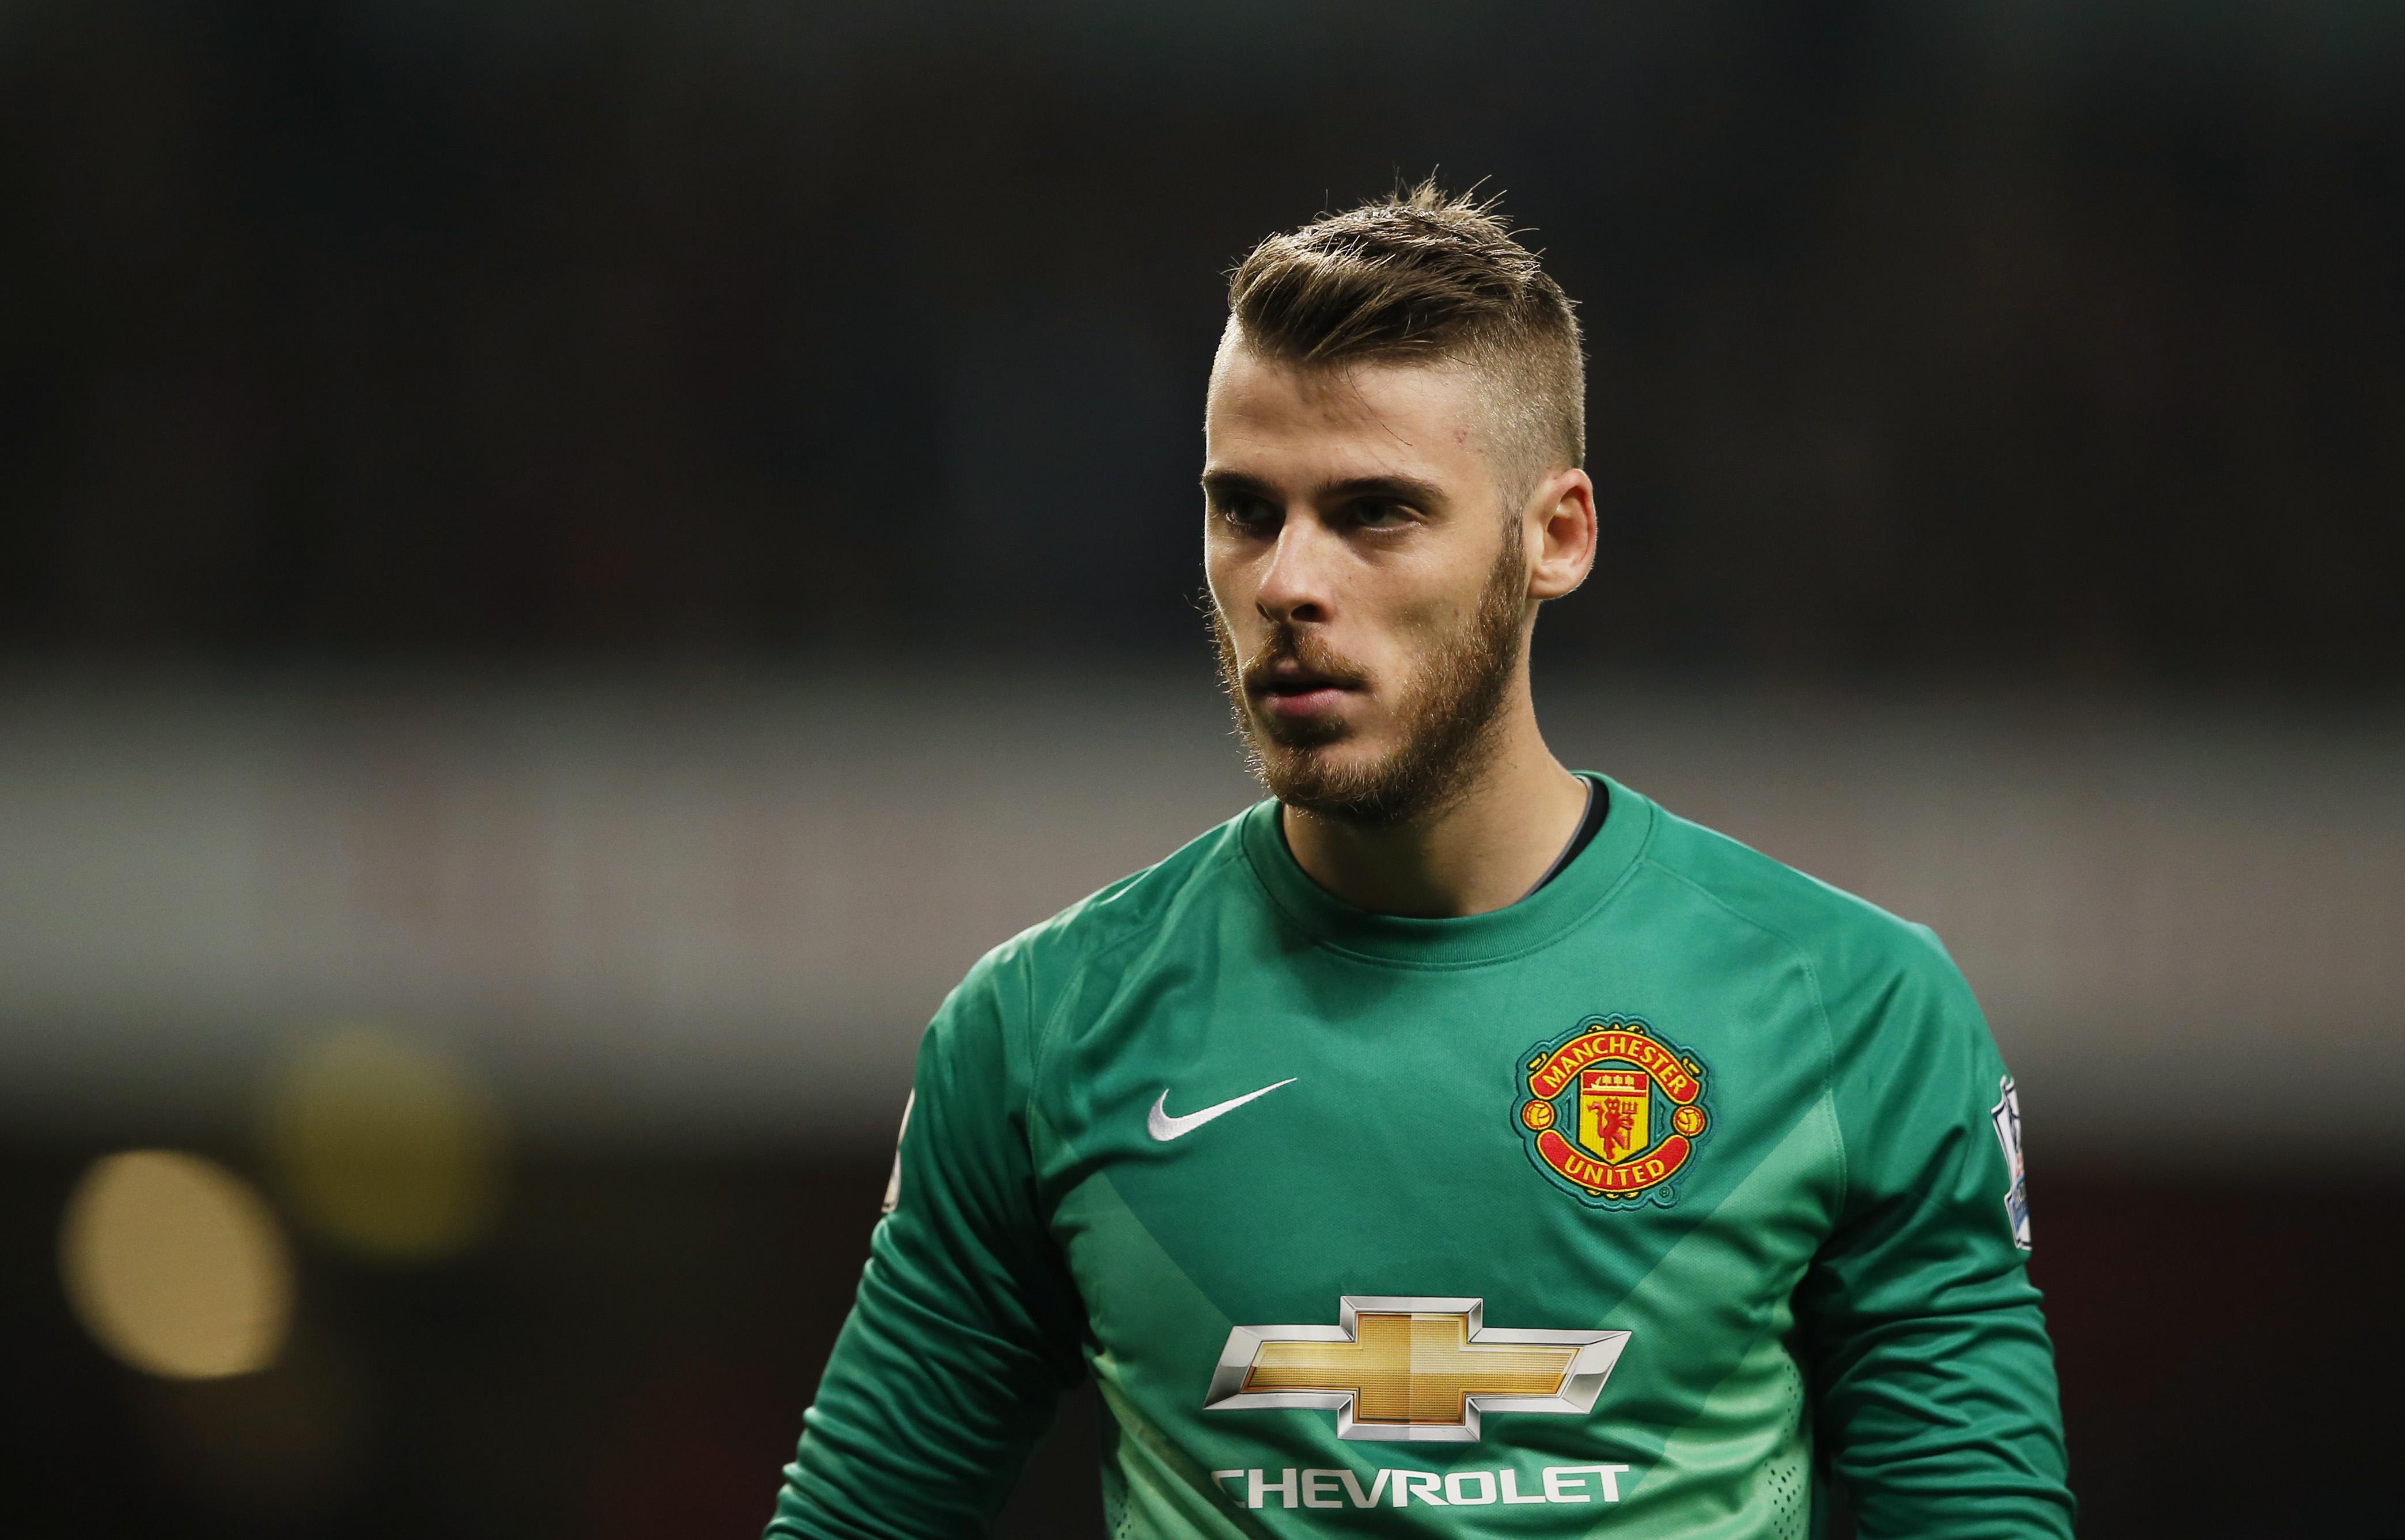 Wallpaper Olahraga Sepak Bola Manchester United Resmi